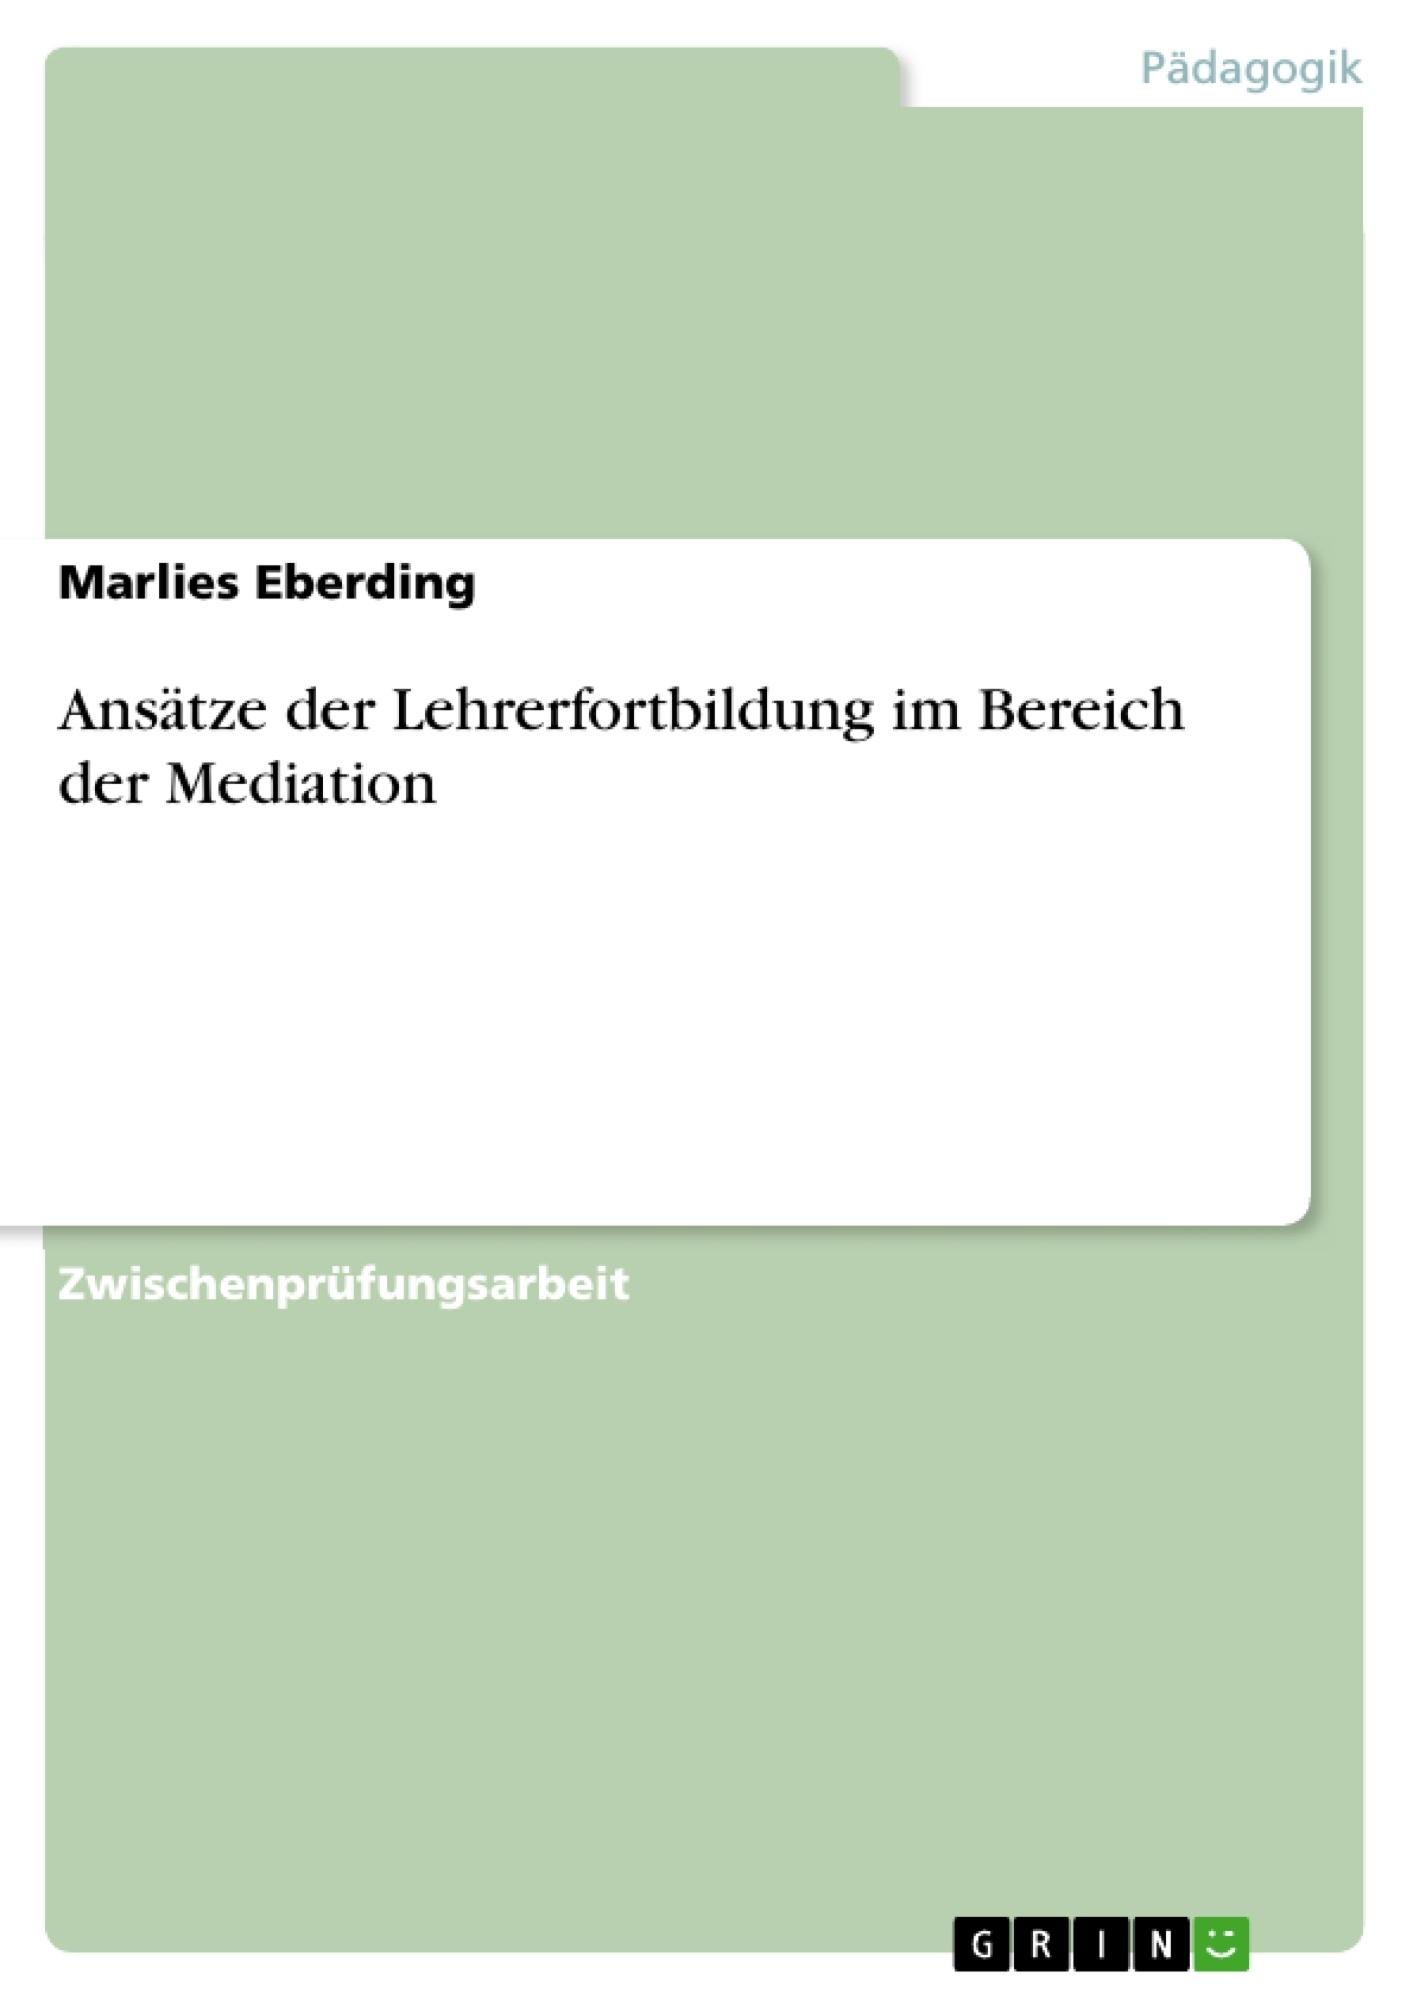 Titel: Ansätze der Lehrerfortbildung im Bereich der Mediation